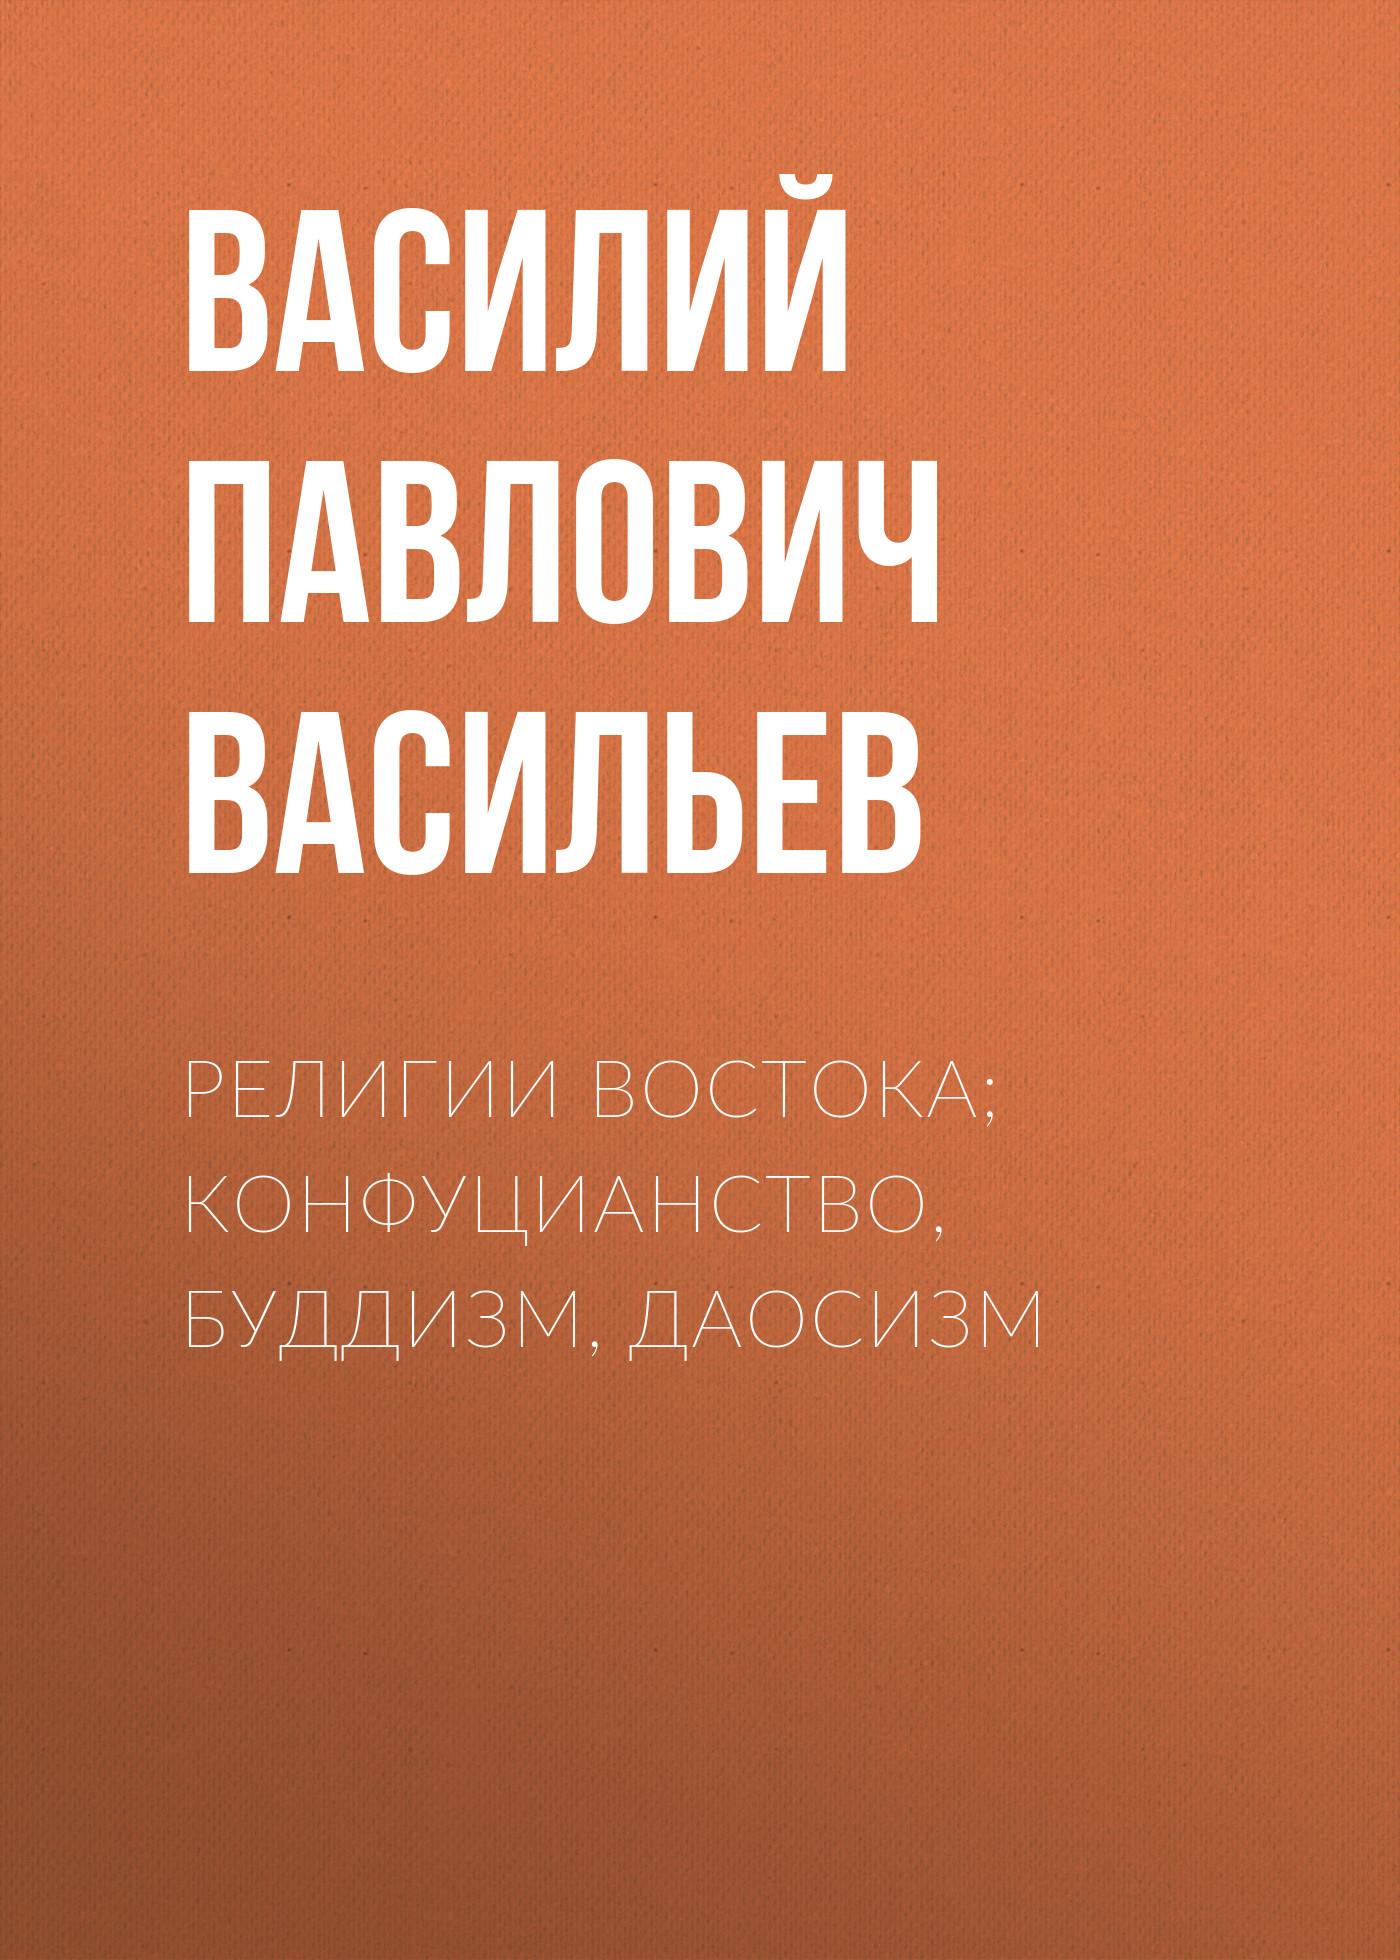 все цены на Василий Павлович Васильев Религии Востока; конфуцианство, буддизм, даосизм онлайн